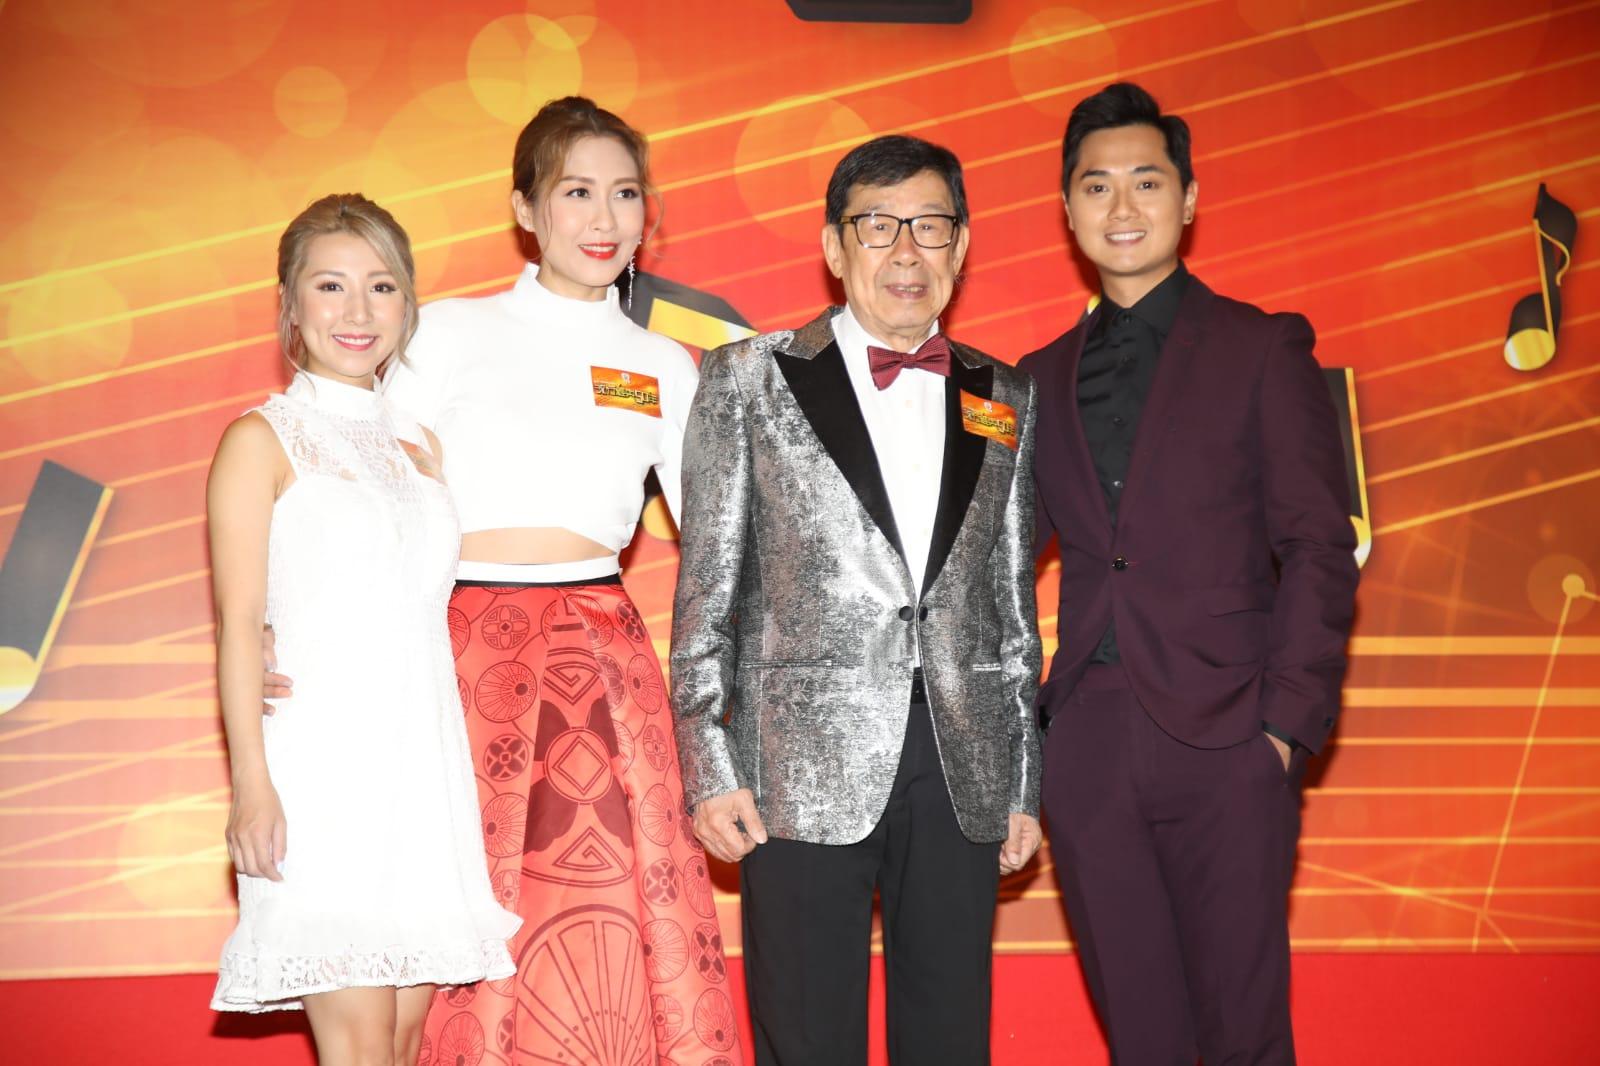 無綫皇牌節目《流行經典50年》於8月3日起,由胡楓(修哥)主持。